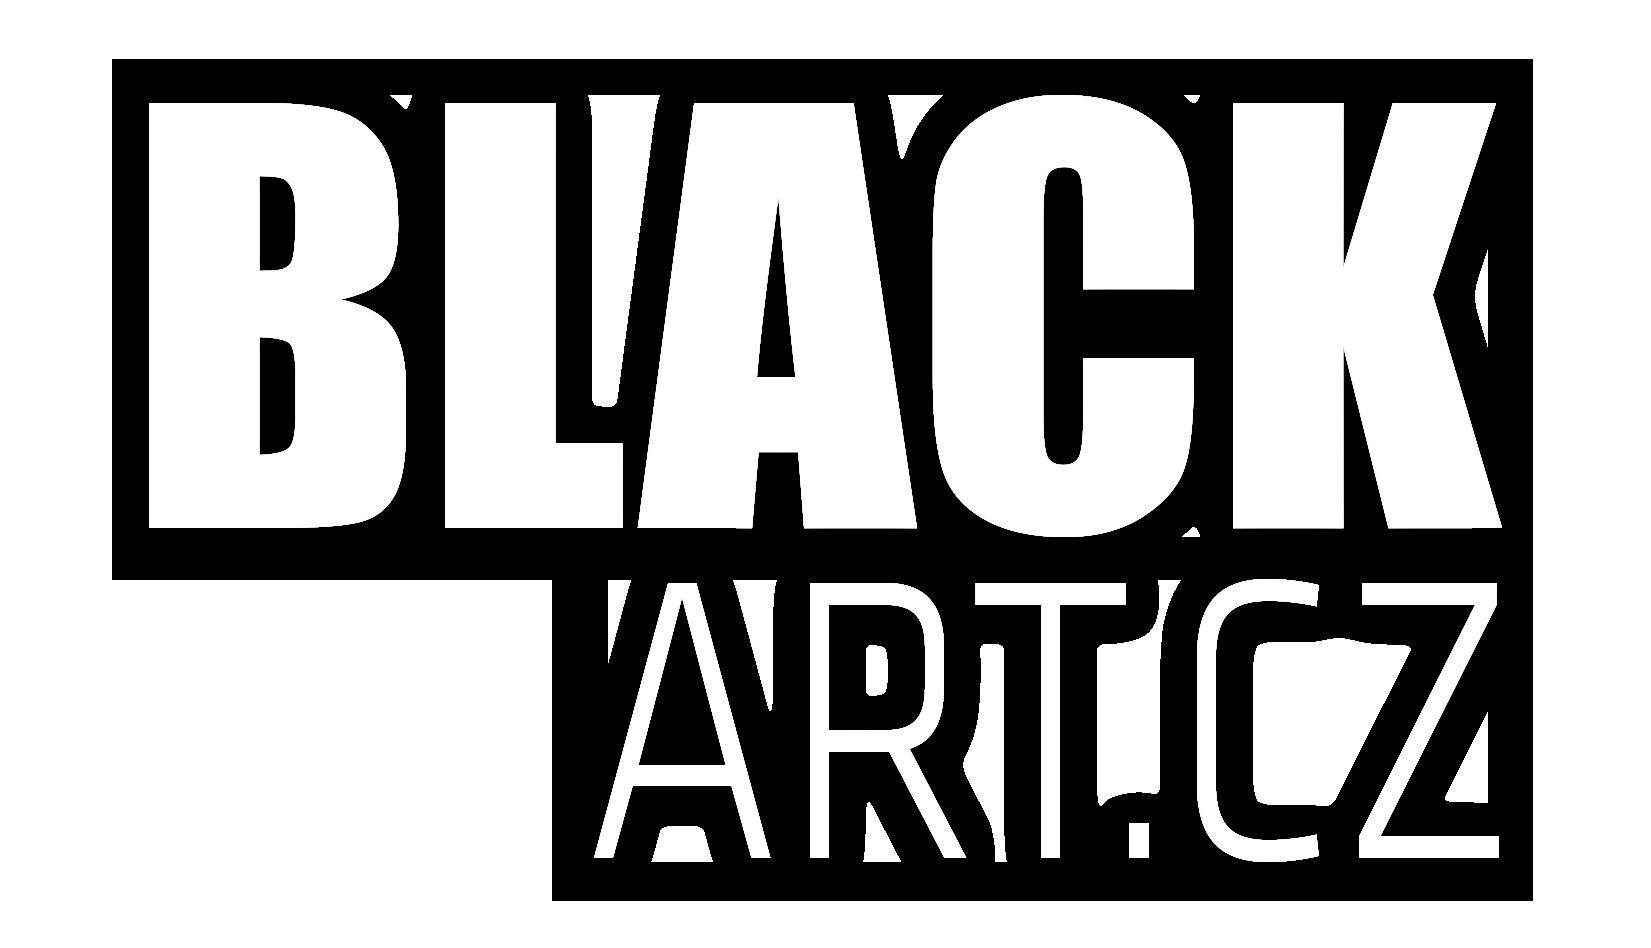 blackart.cz